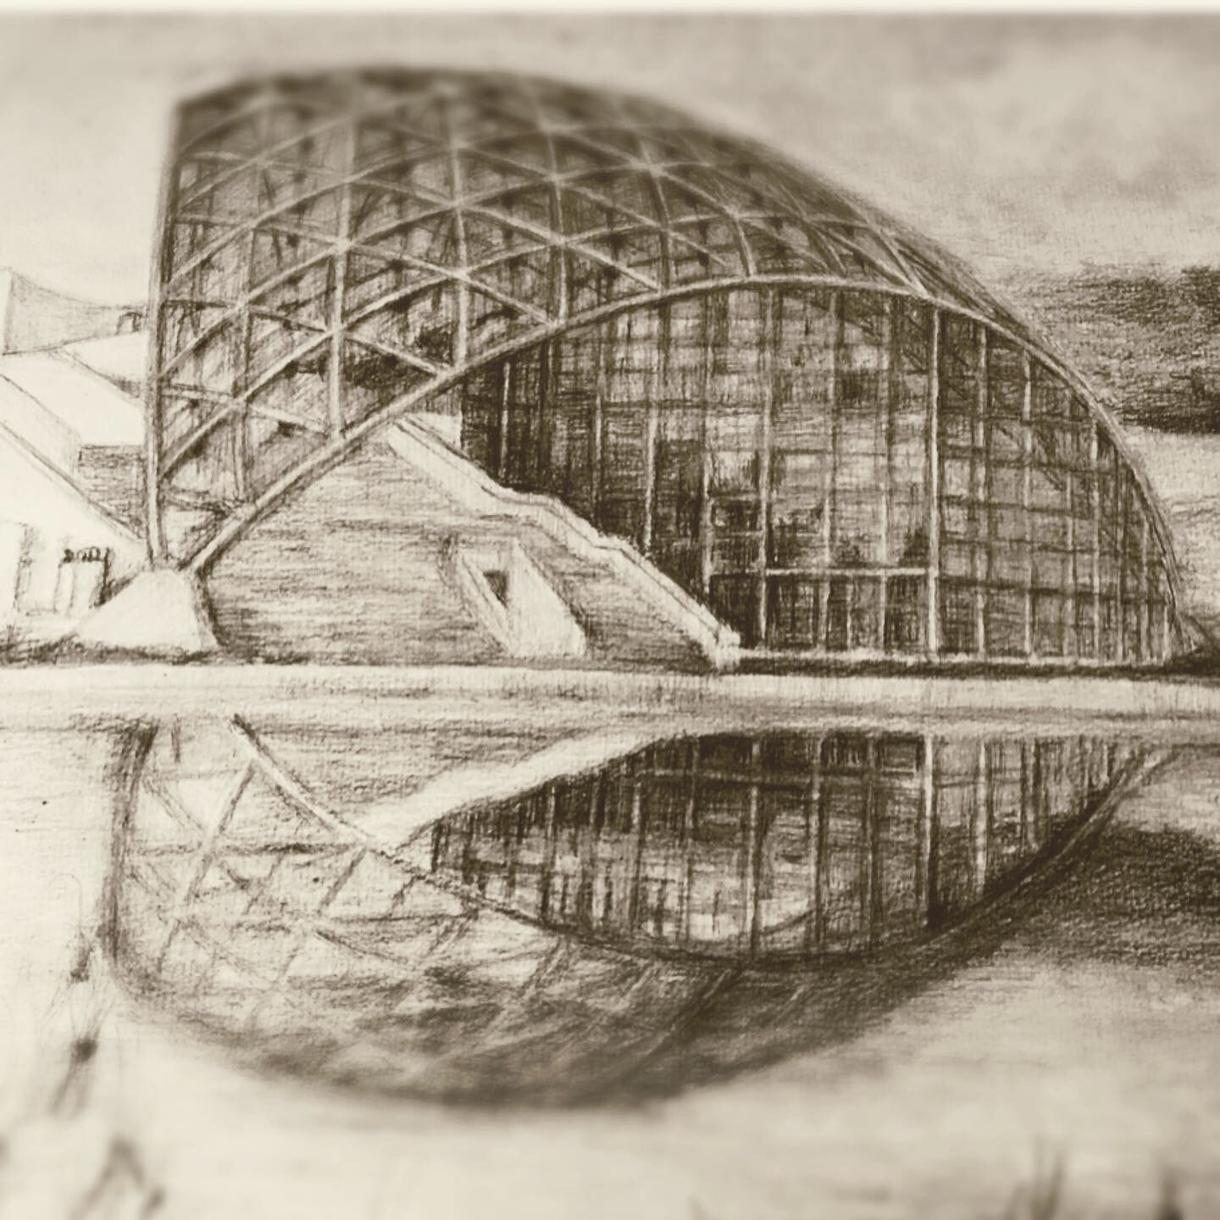 鉛筆スケッチ作成します 一級建築士が写真、CGパースからリアルなスケッチ起こします イメージ1